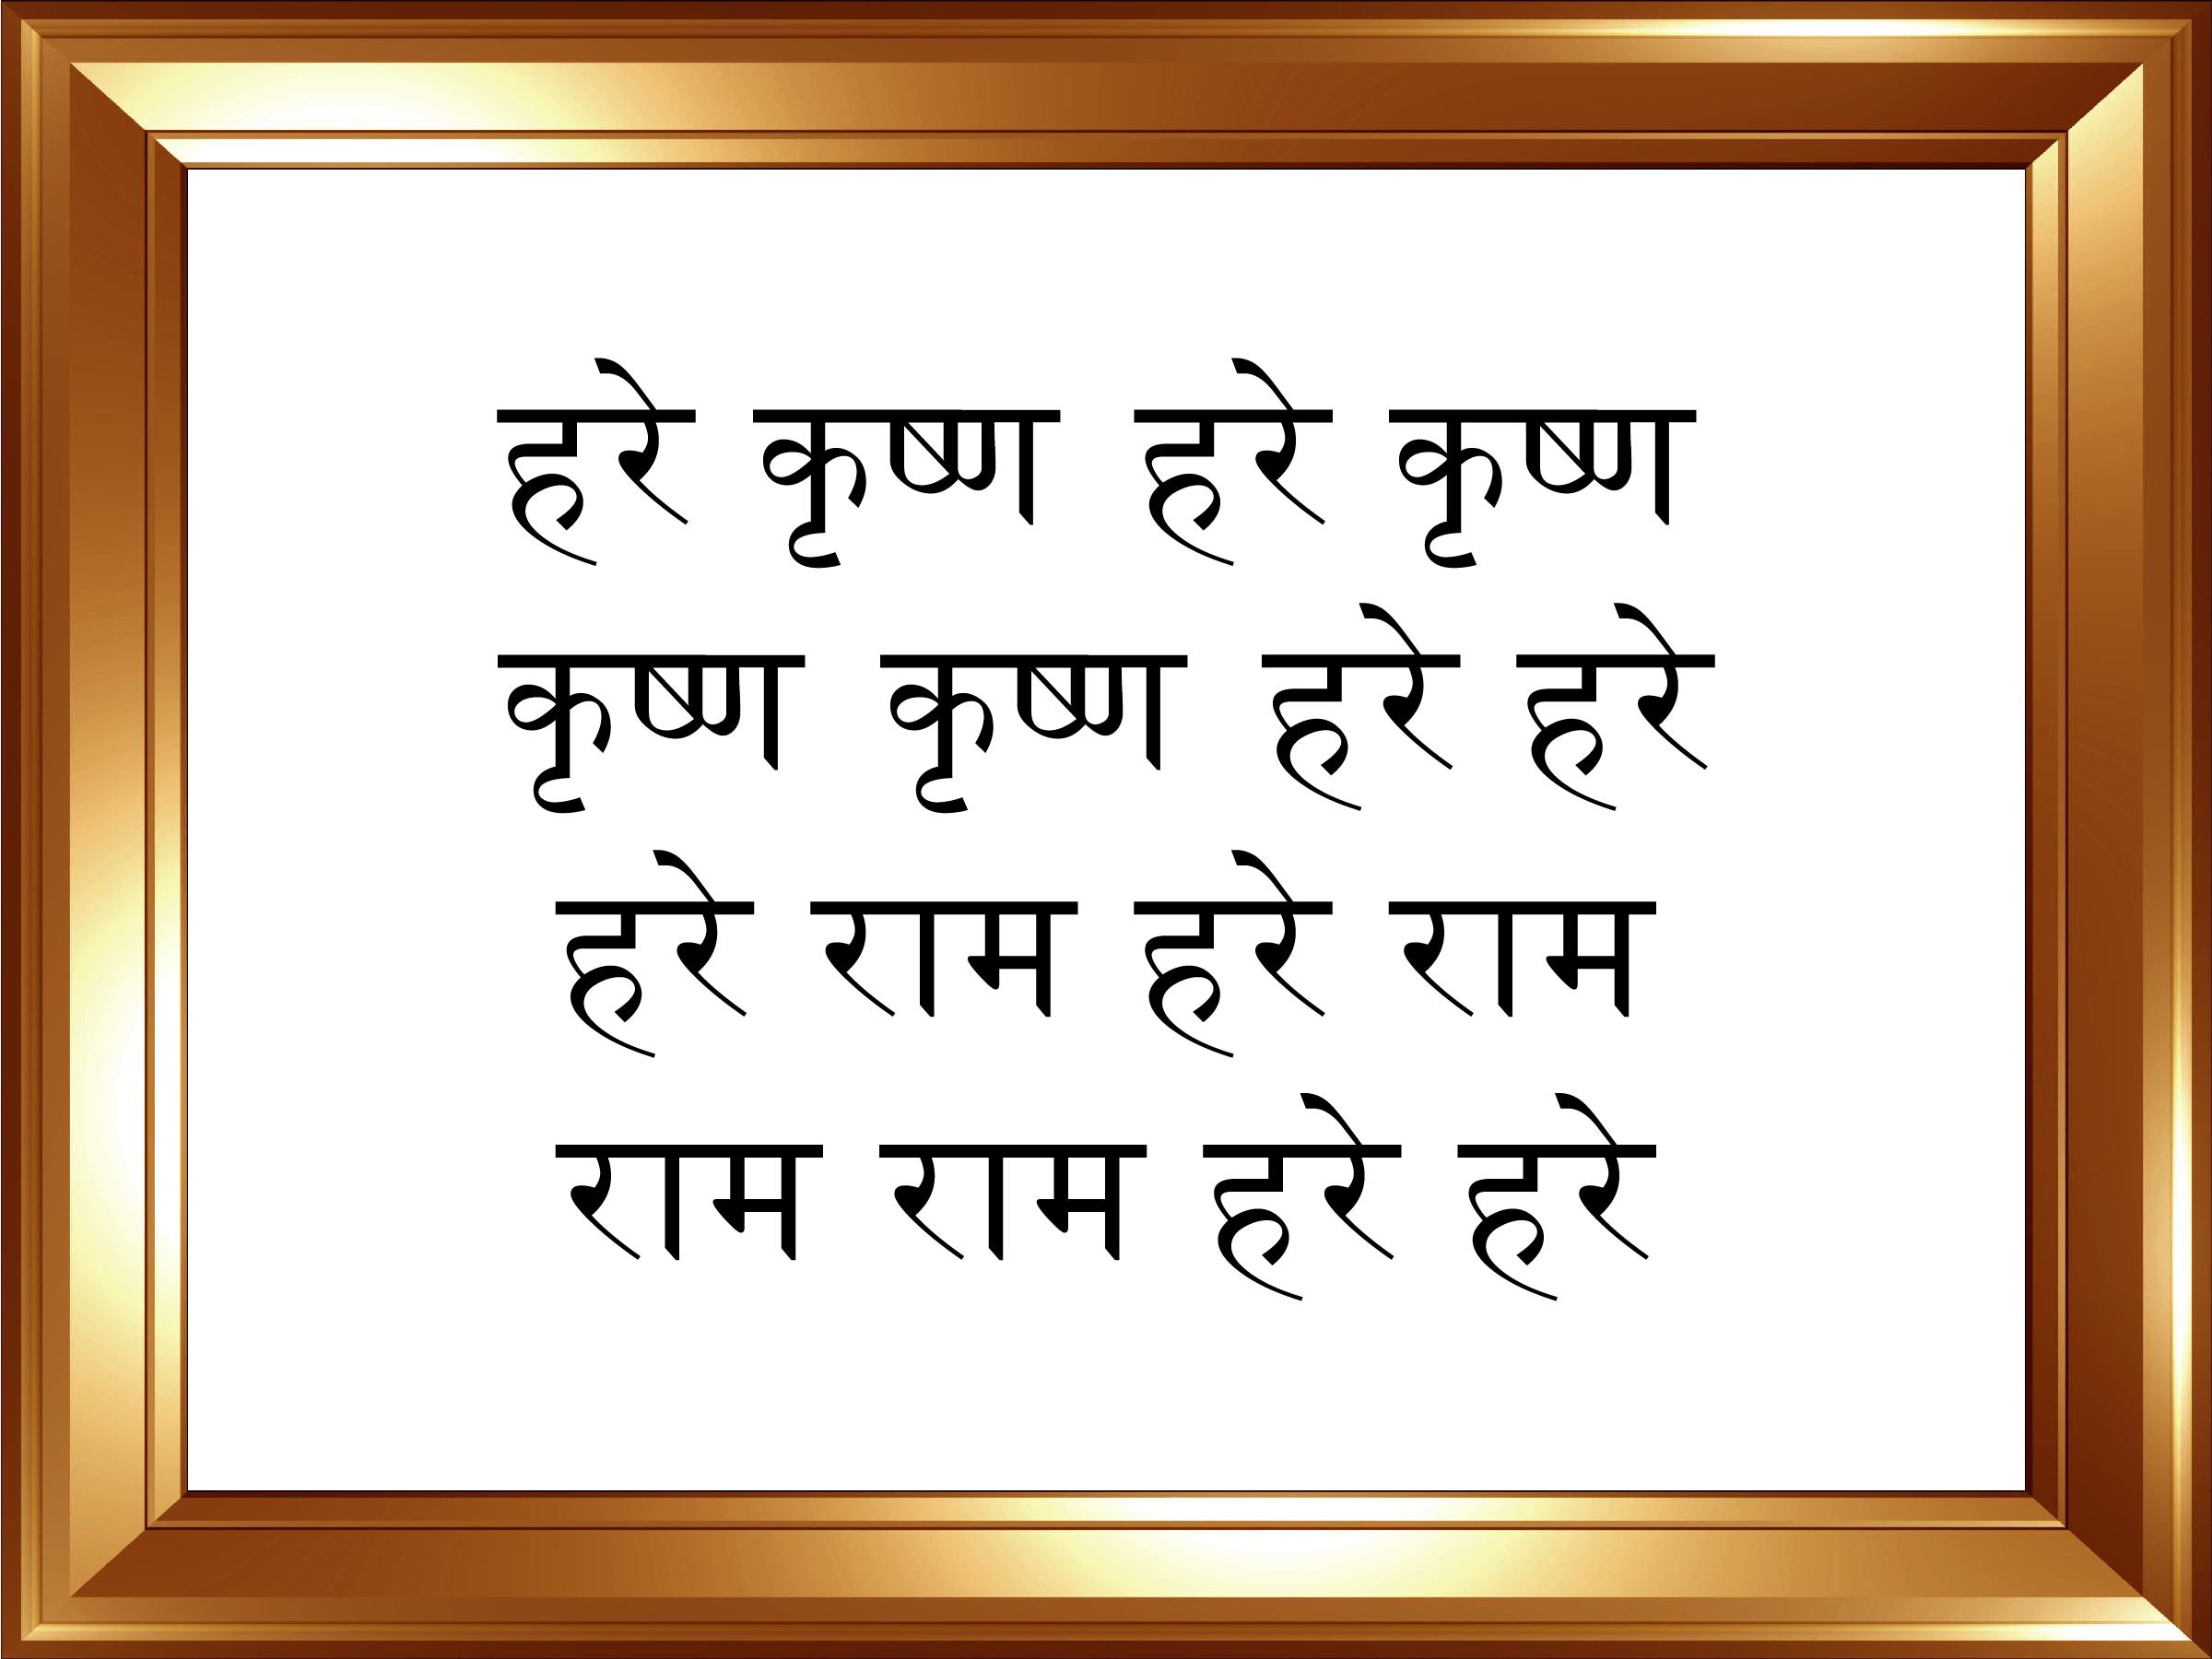 Das Chanten des Hare Krishna-Mahamantras